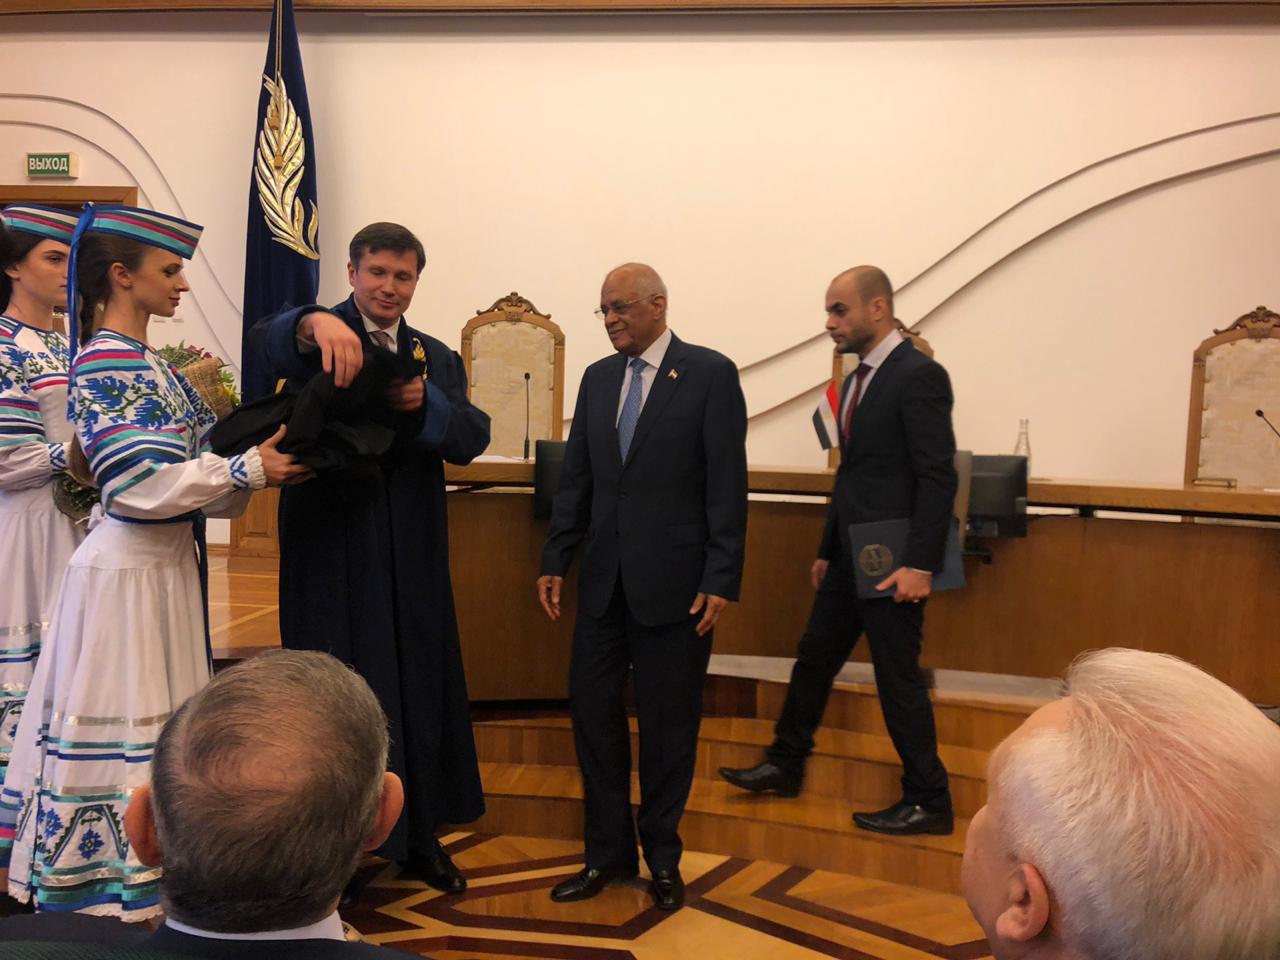 جامعة بيلا روسيا تمنح عبد العال الاستاذية الفخرية